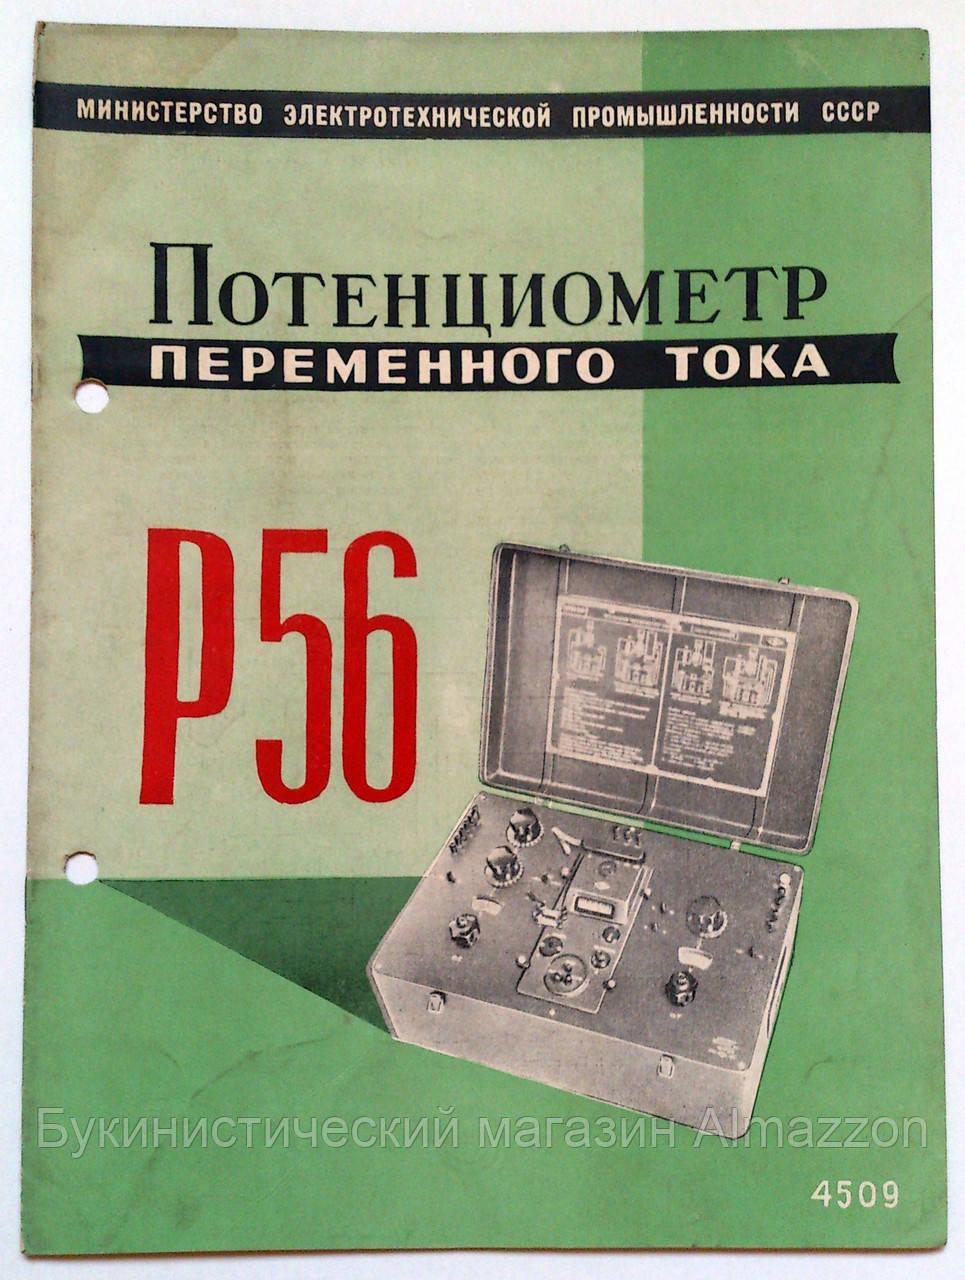 """Журнал (Бюллетень) """"Потенциометр переменного тока Р56"""" 1956 год"""